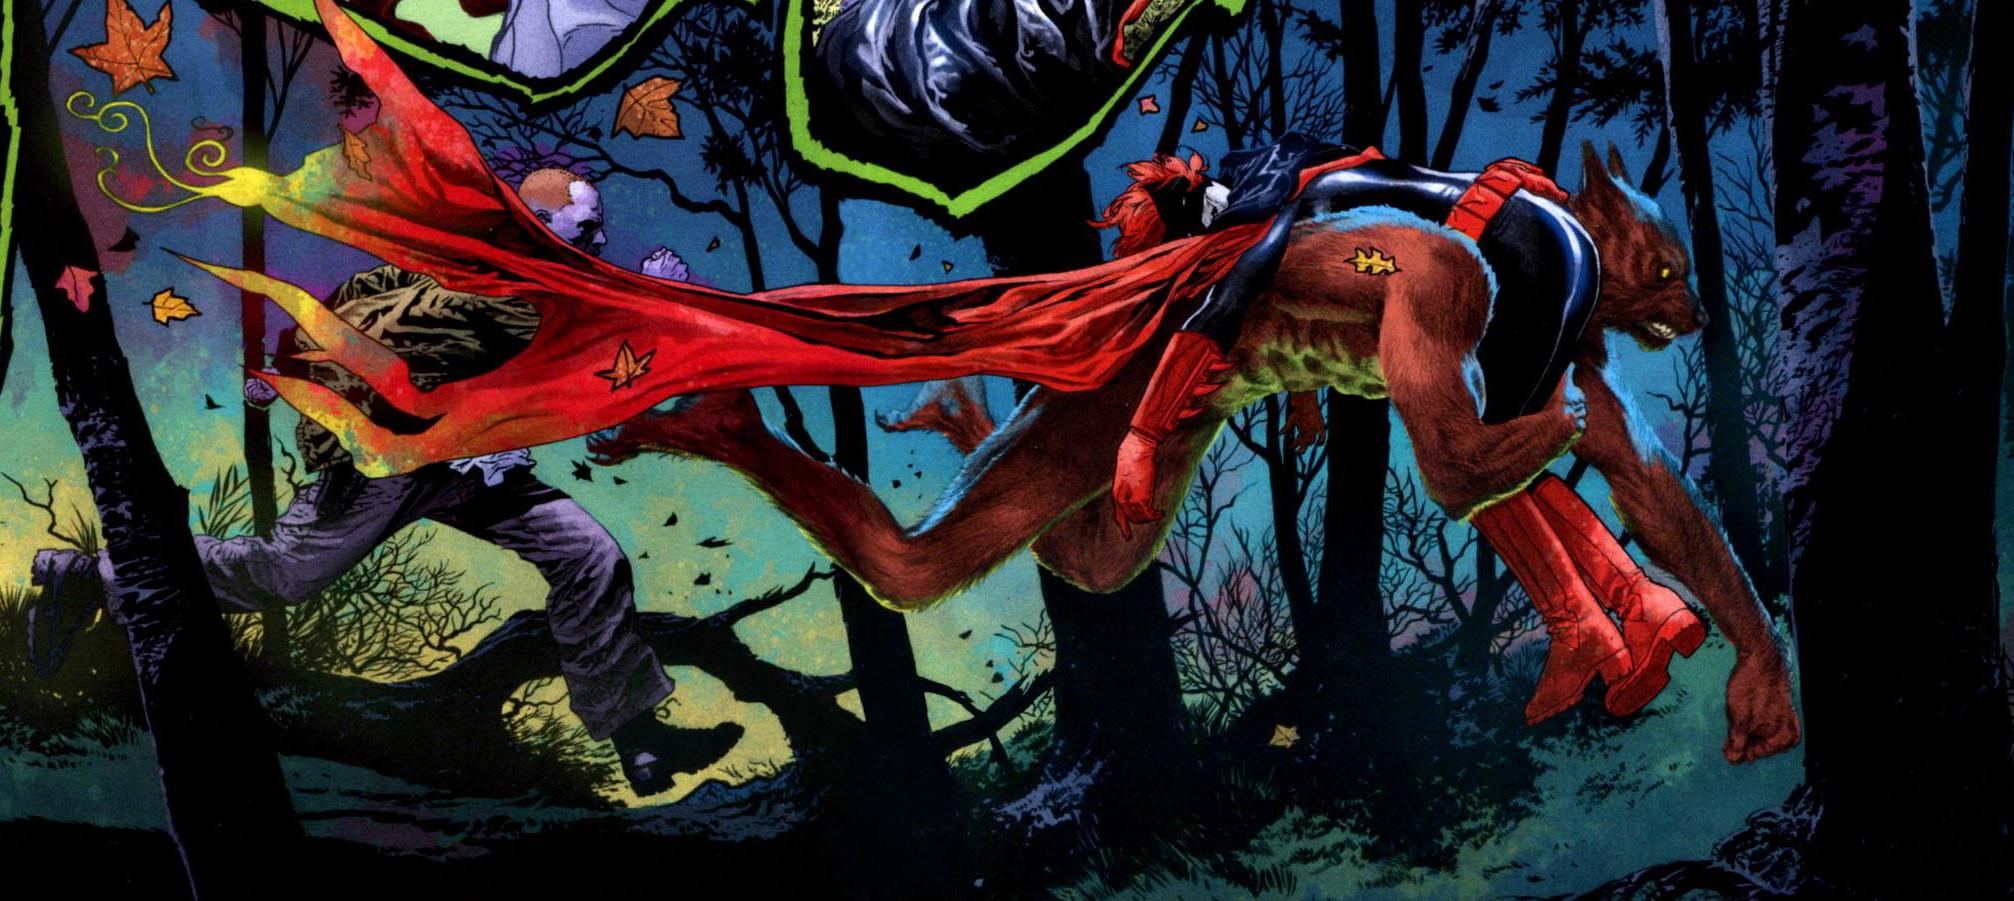 Batwoman Elegy review